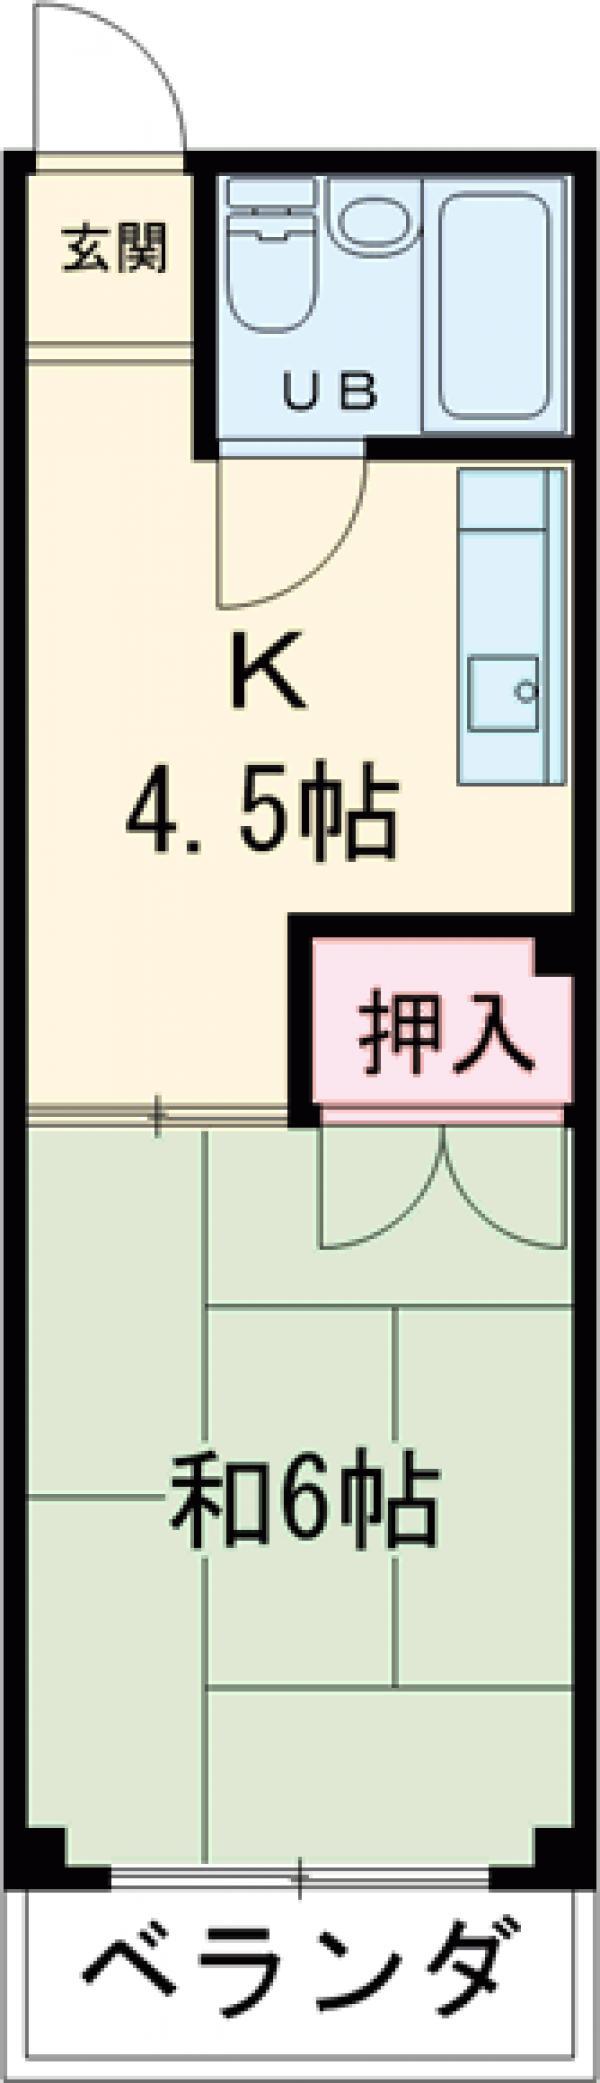 アートピア駒沢 204号室の間取り